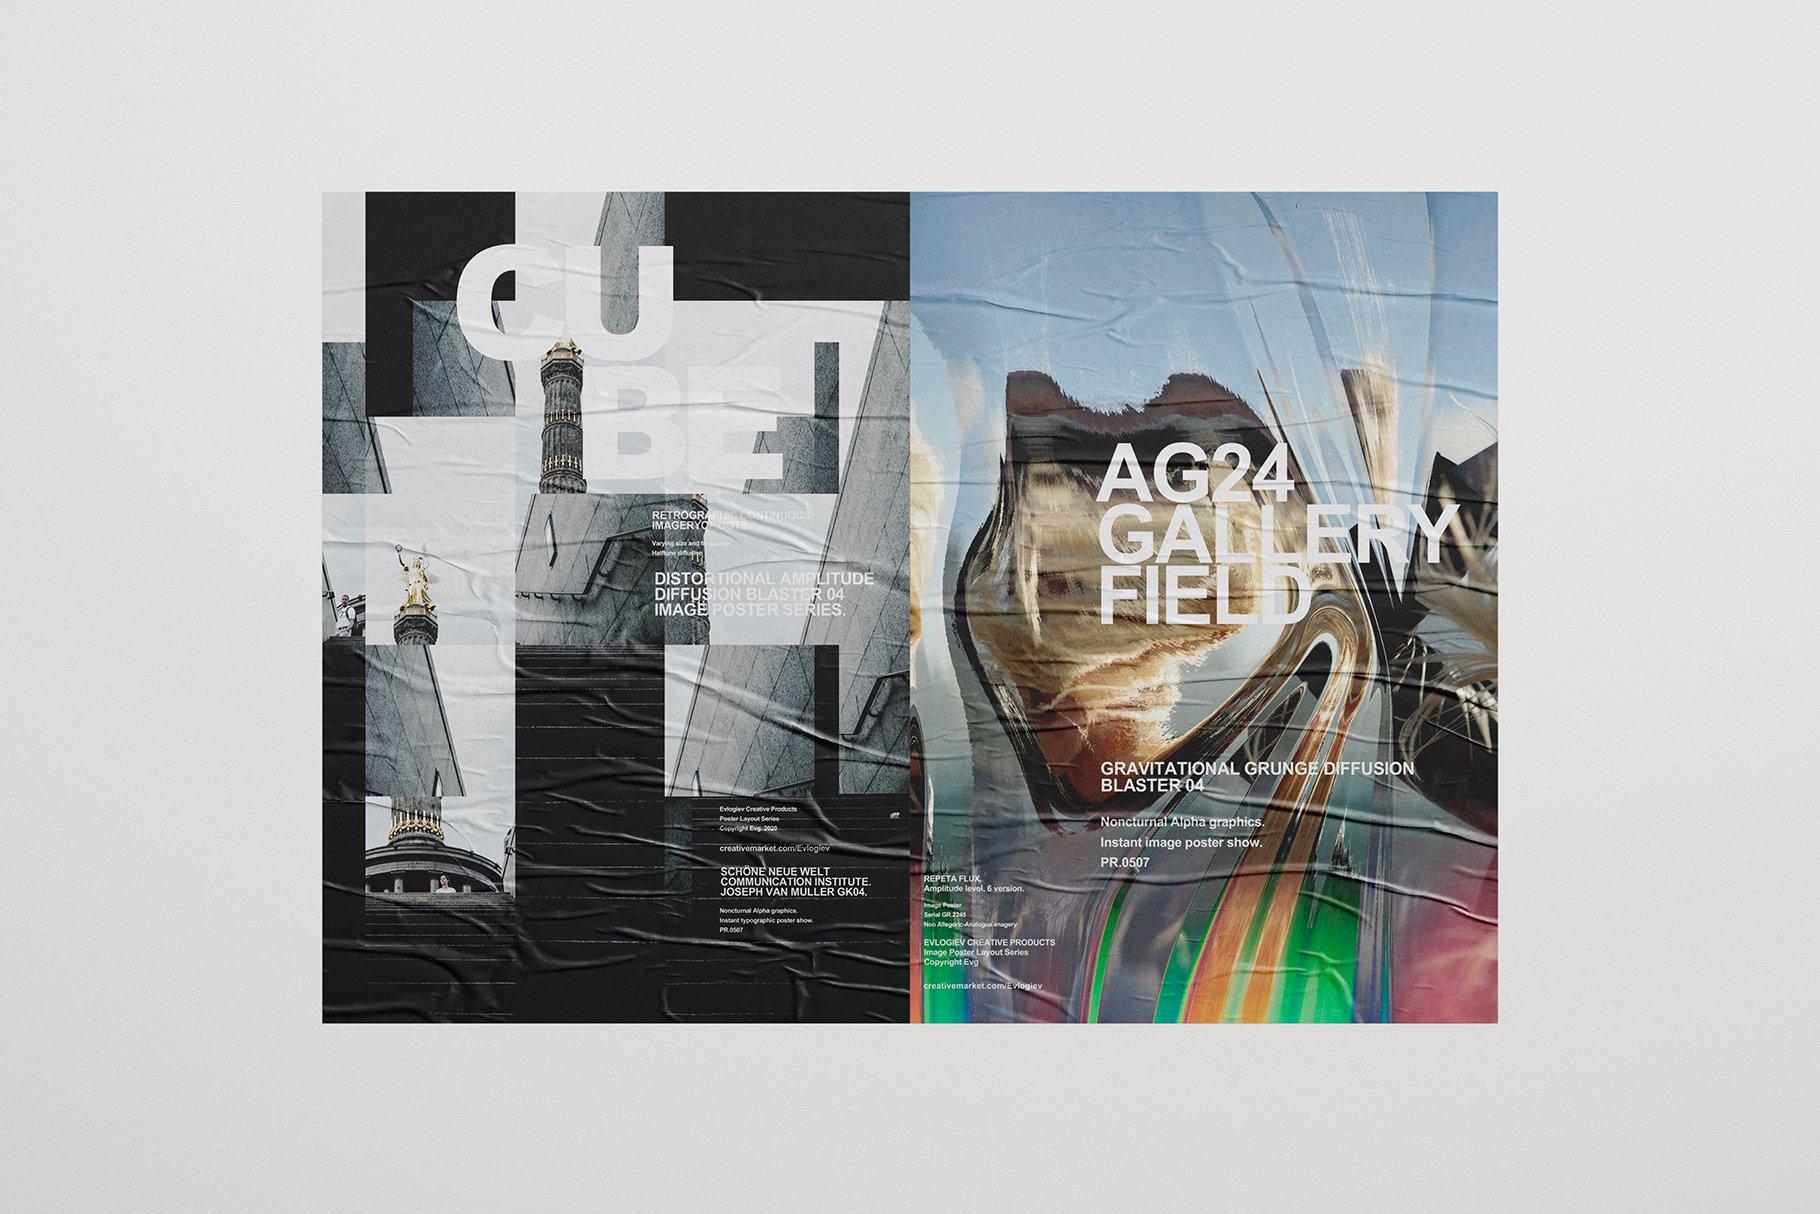 [淘宝购买] 20款抽象扭曲故障主视觉海报图片设计效果PS样式模板 Evlogiev – Distort Image Poster插图(12)